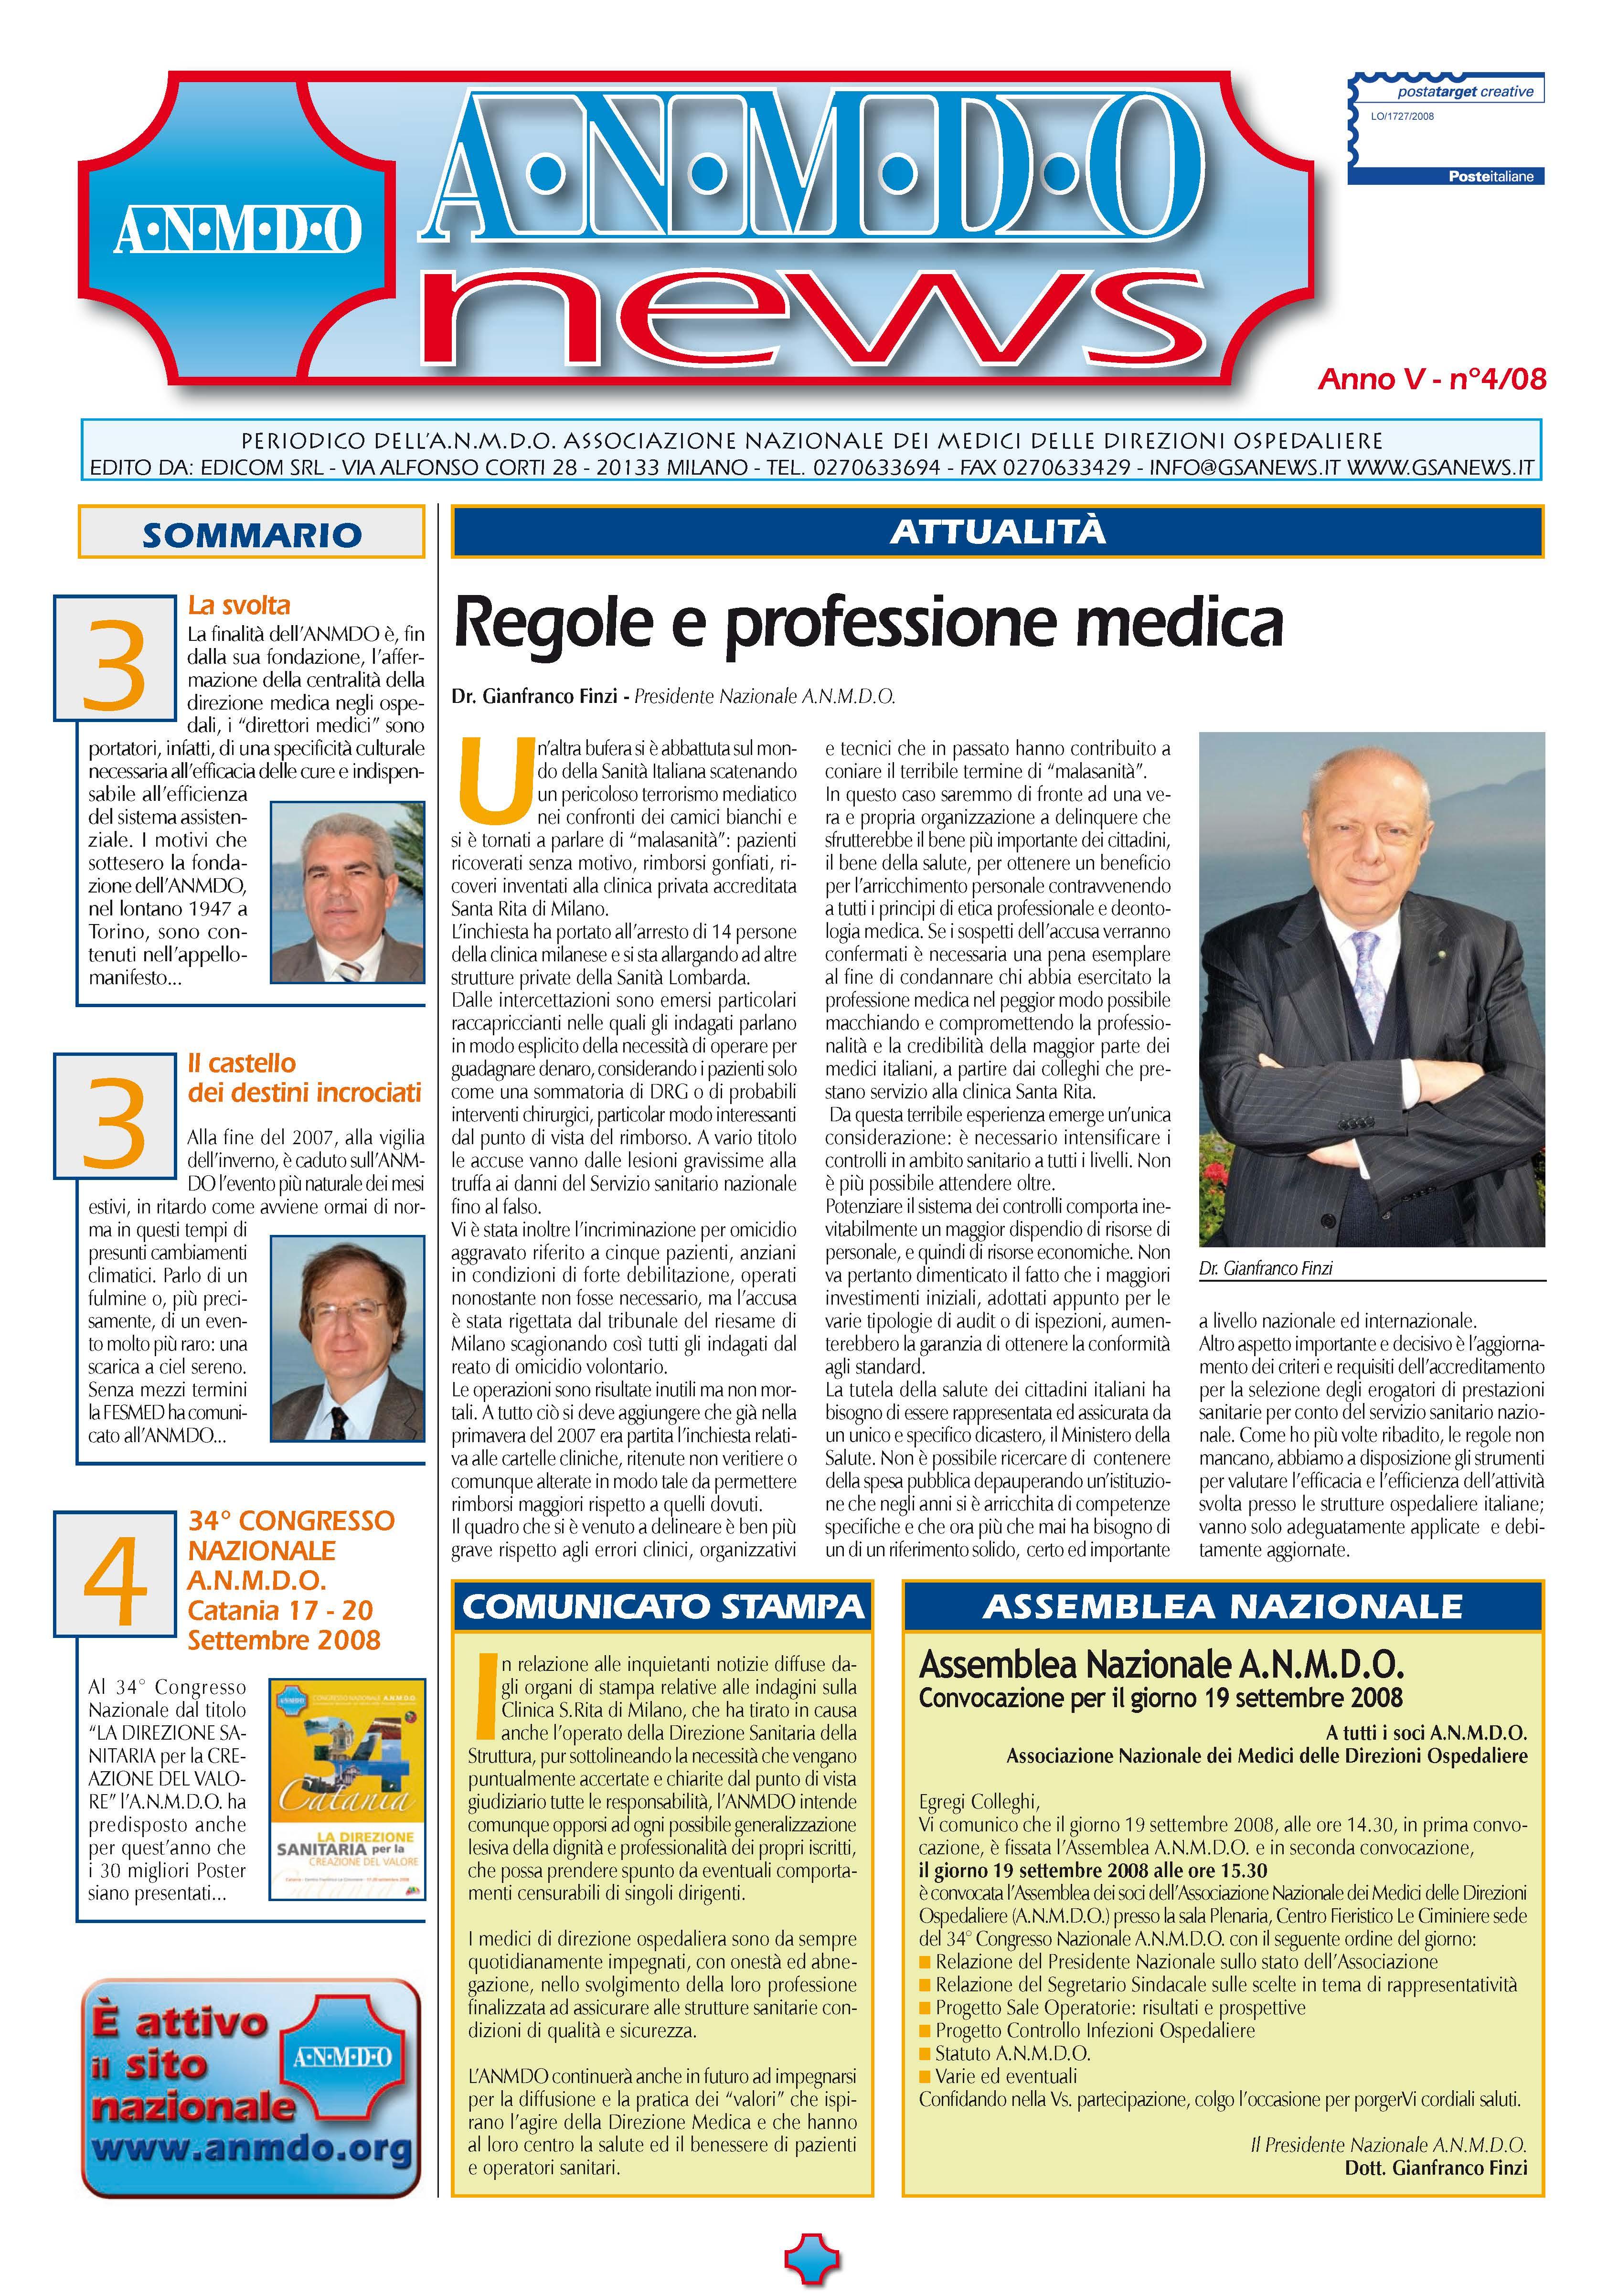 pagine-da-anmdonews_4_08_